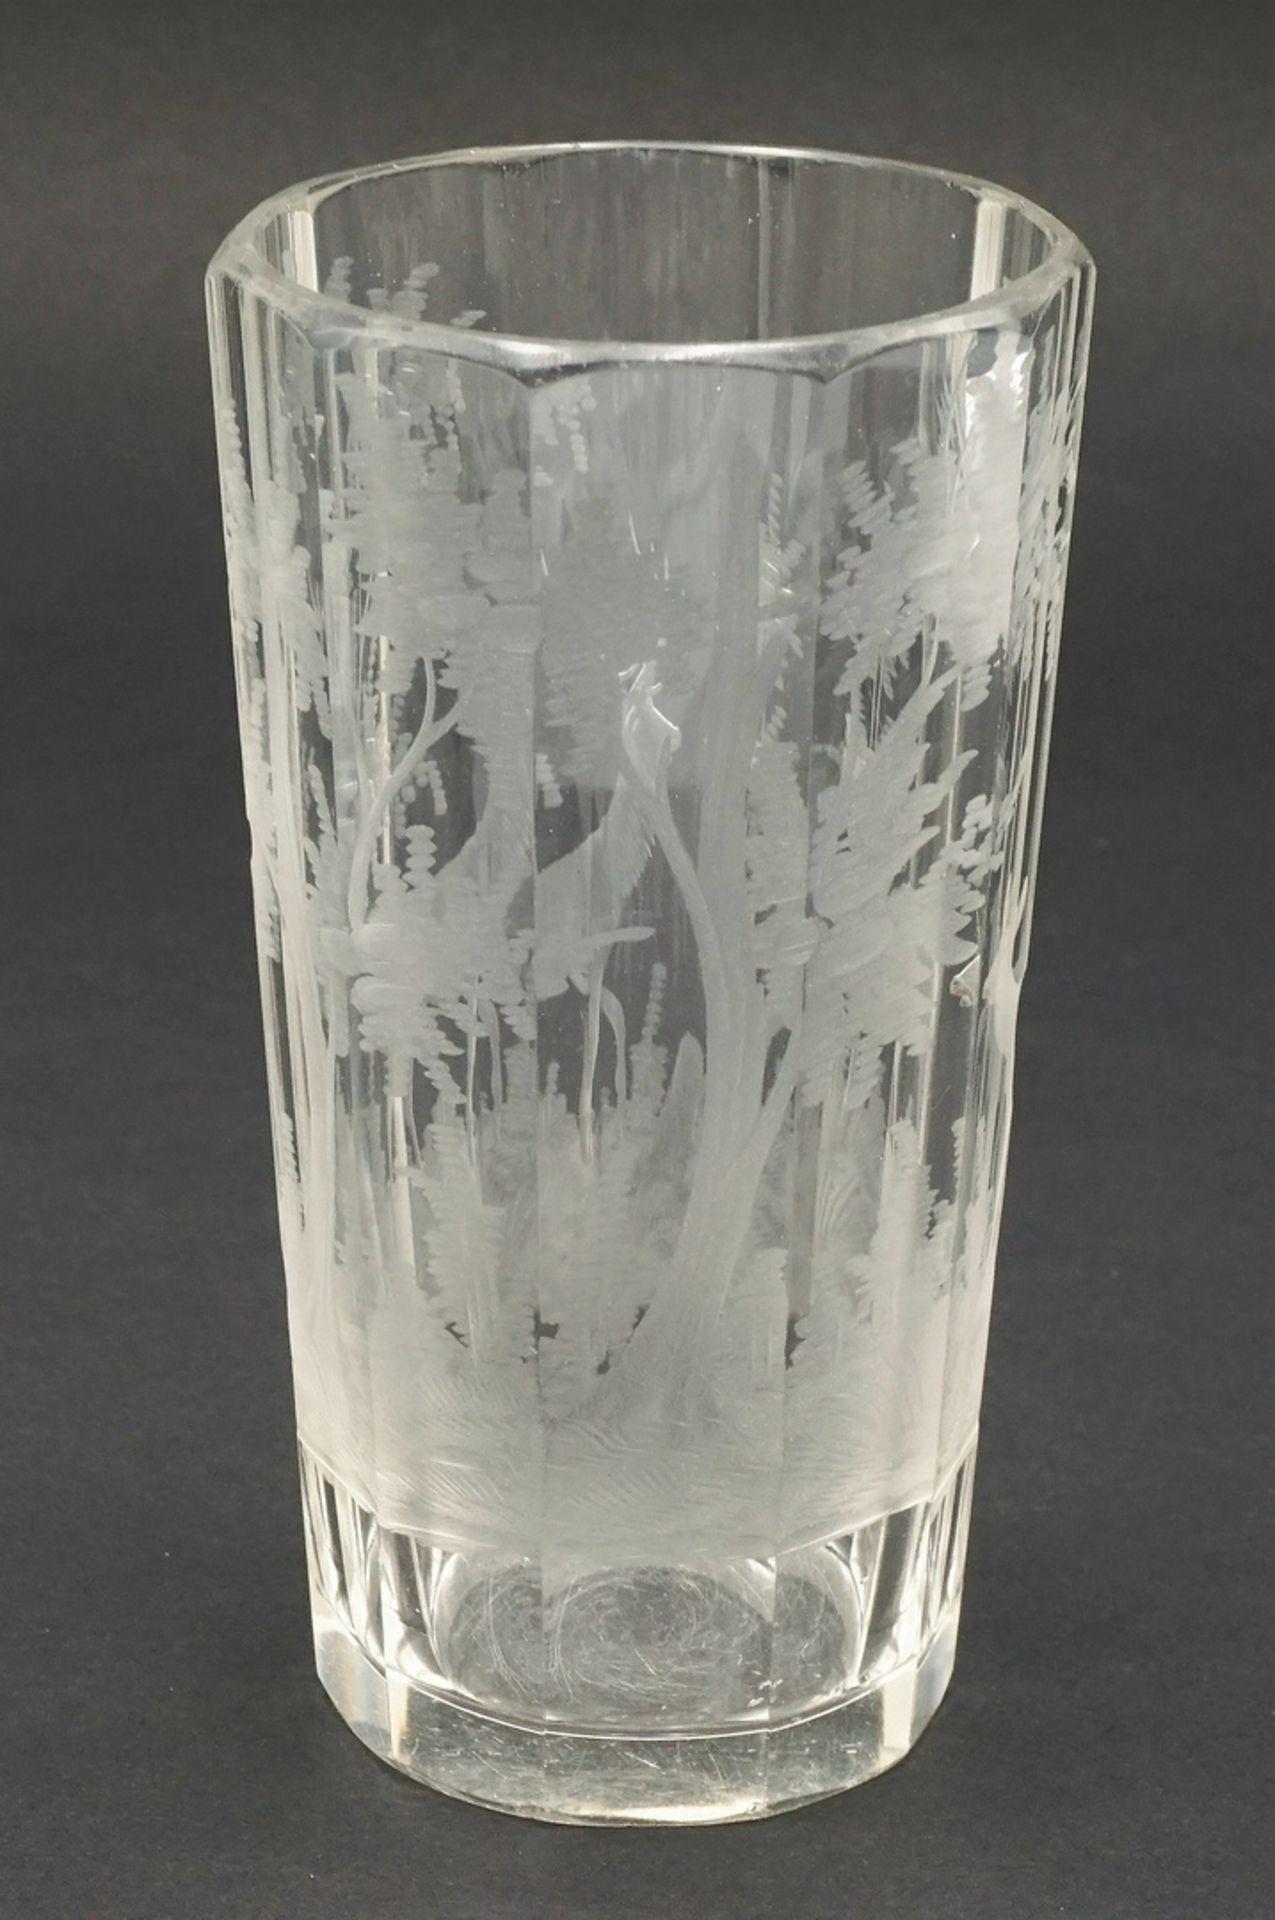 Jagdpokal und Glas - Bild 4 aus 5